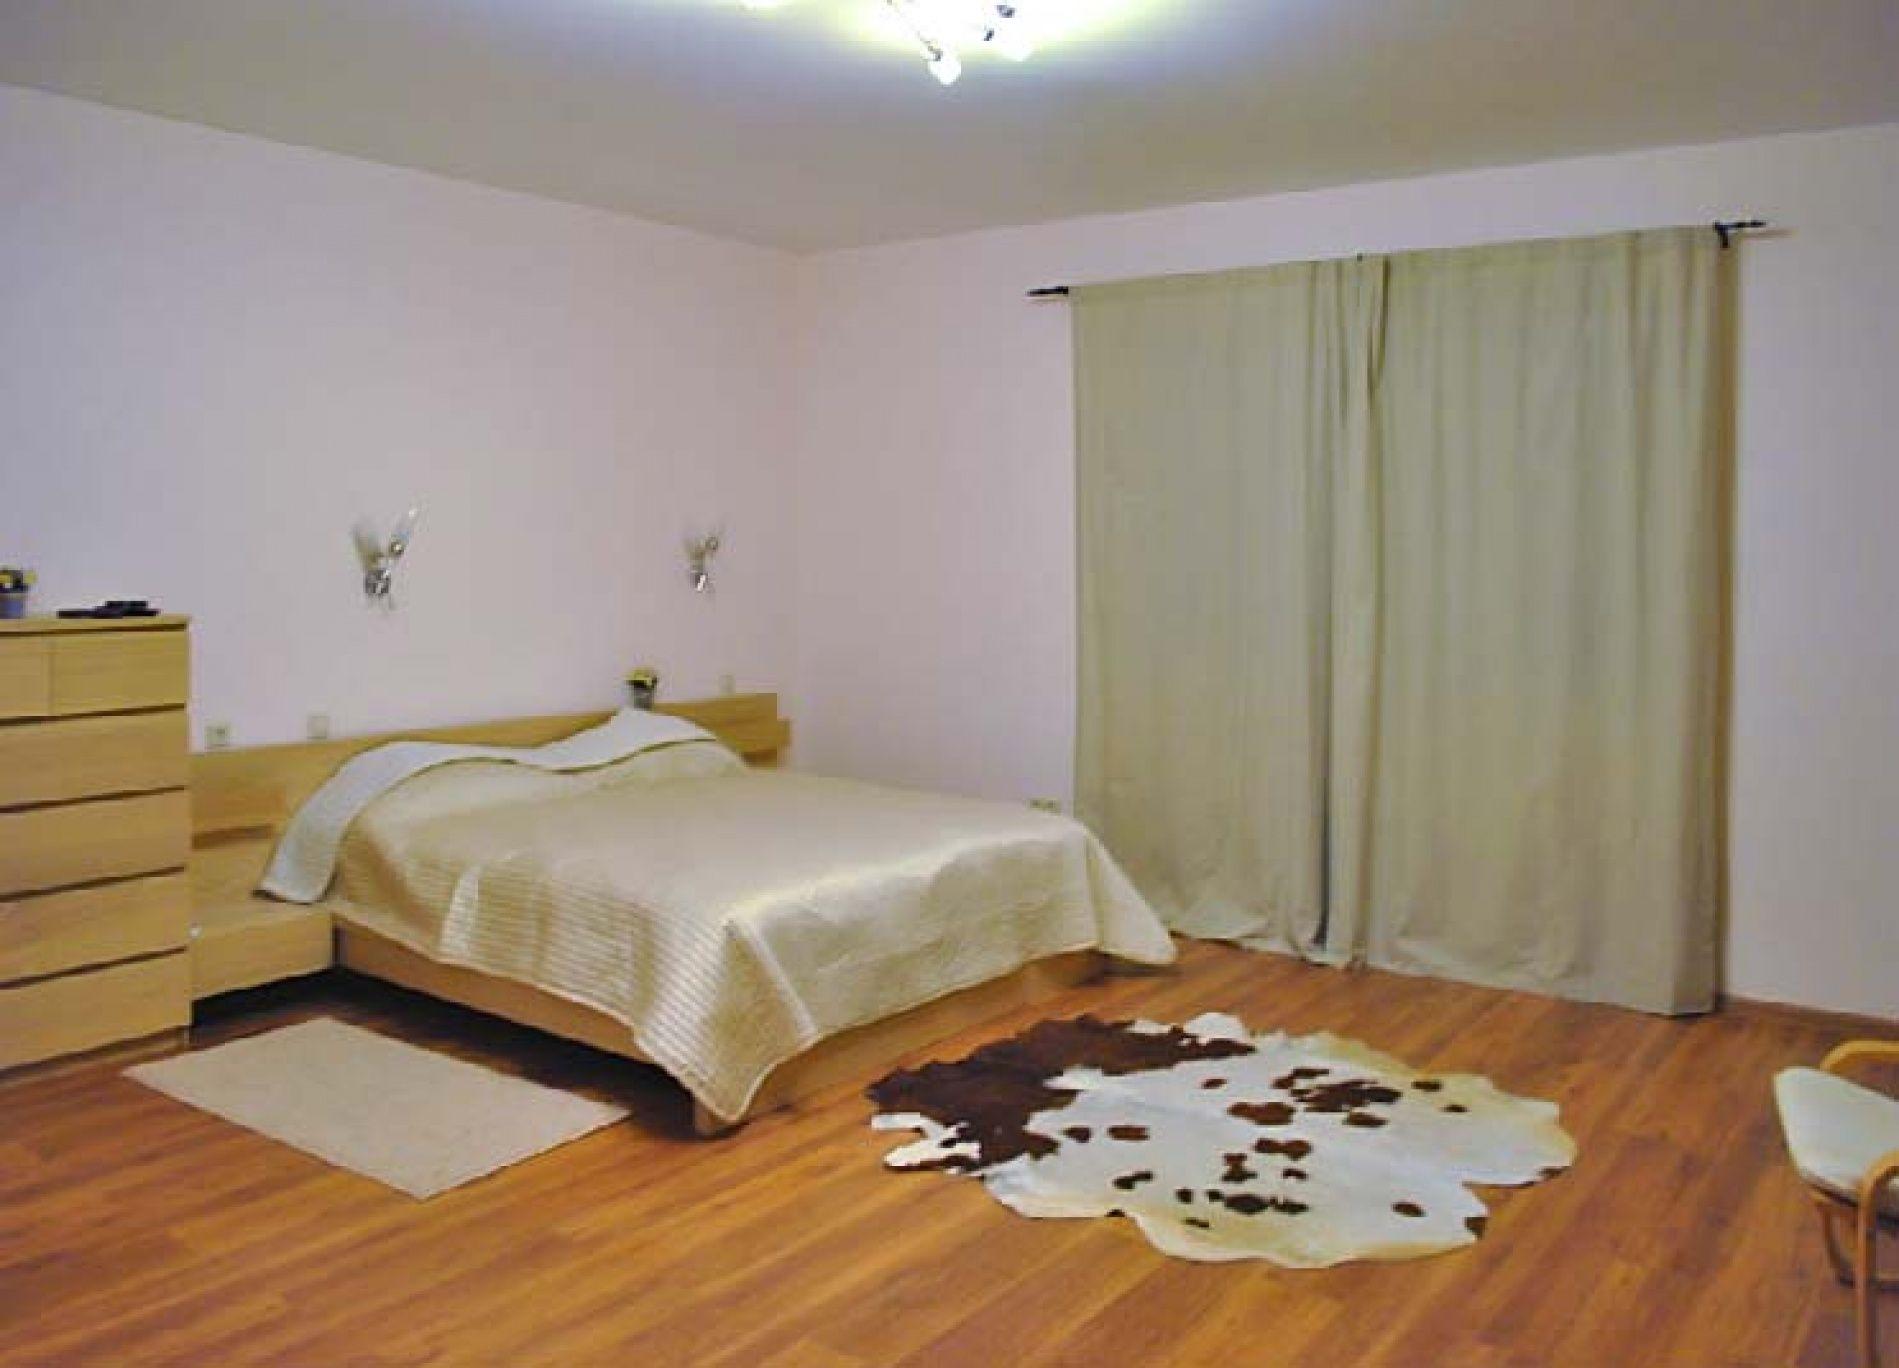 База отдыха «Каралат» Астраханская область «Двухместный номер на 2 этаже», фото 1